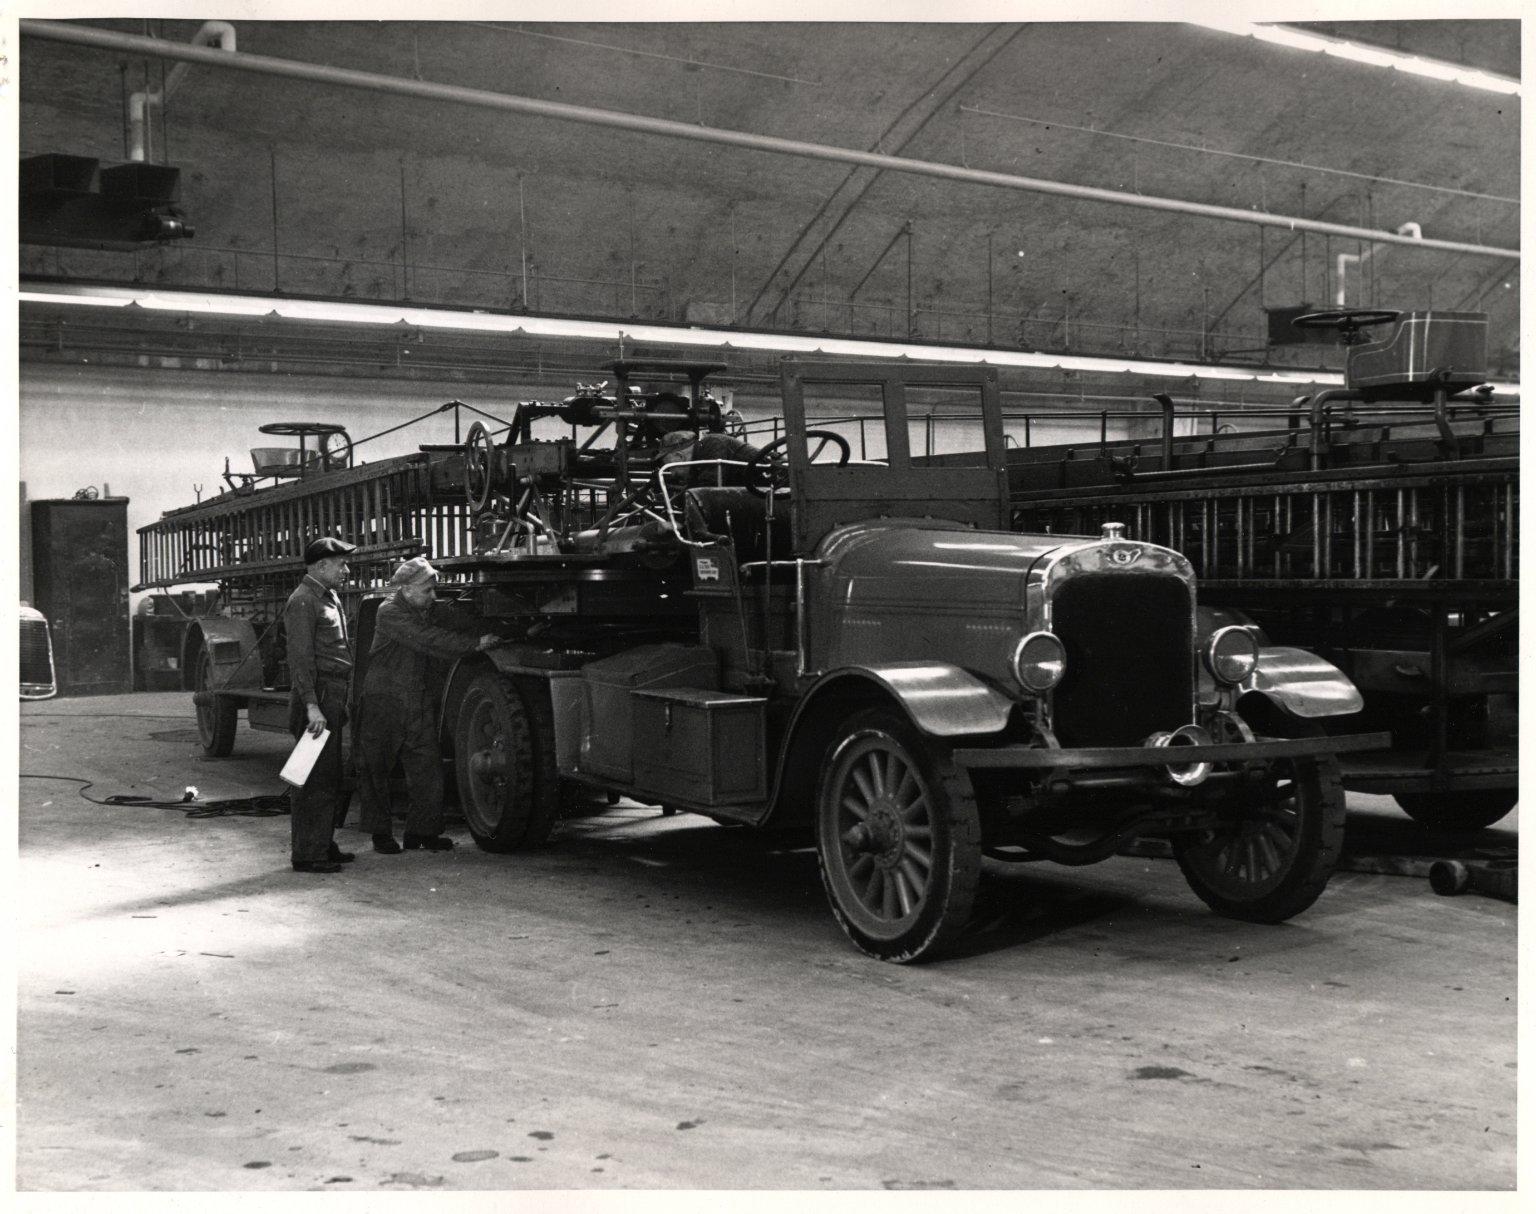 Механики осматривают автолестницу в мастерских. Нью-Йорк, США. 1930-е